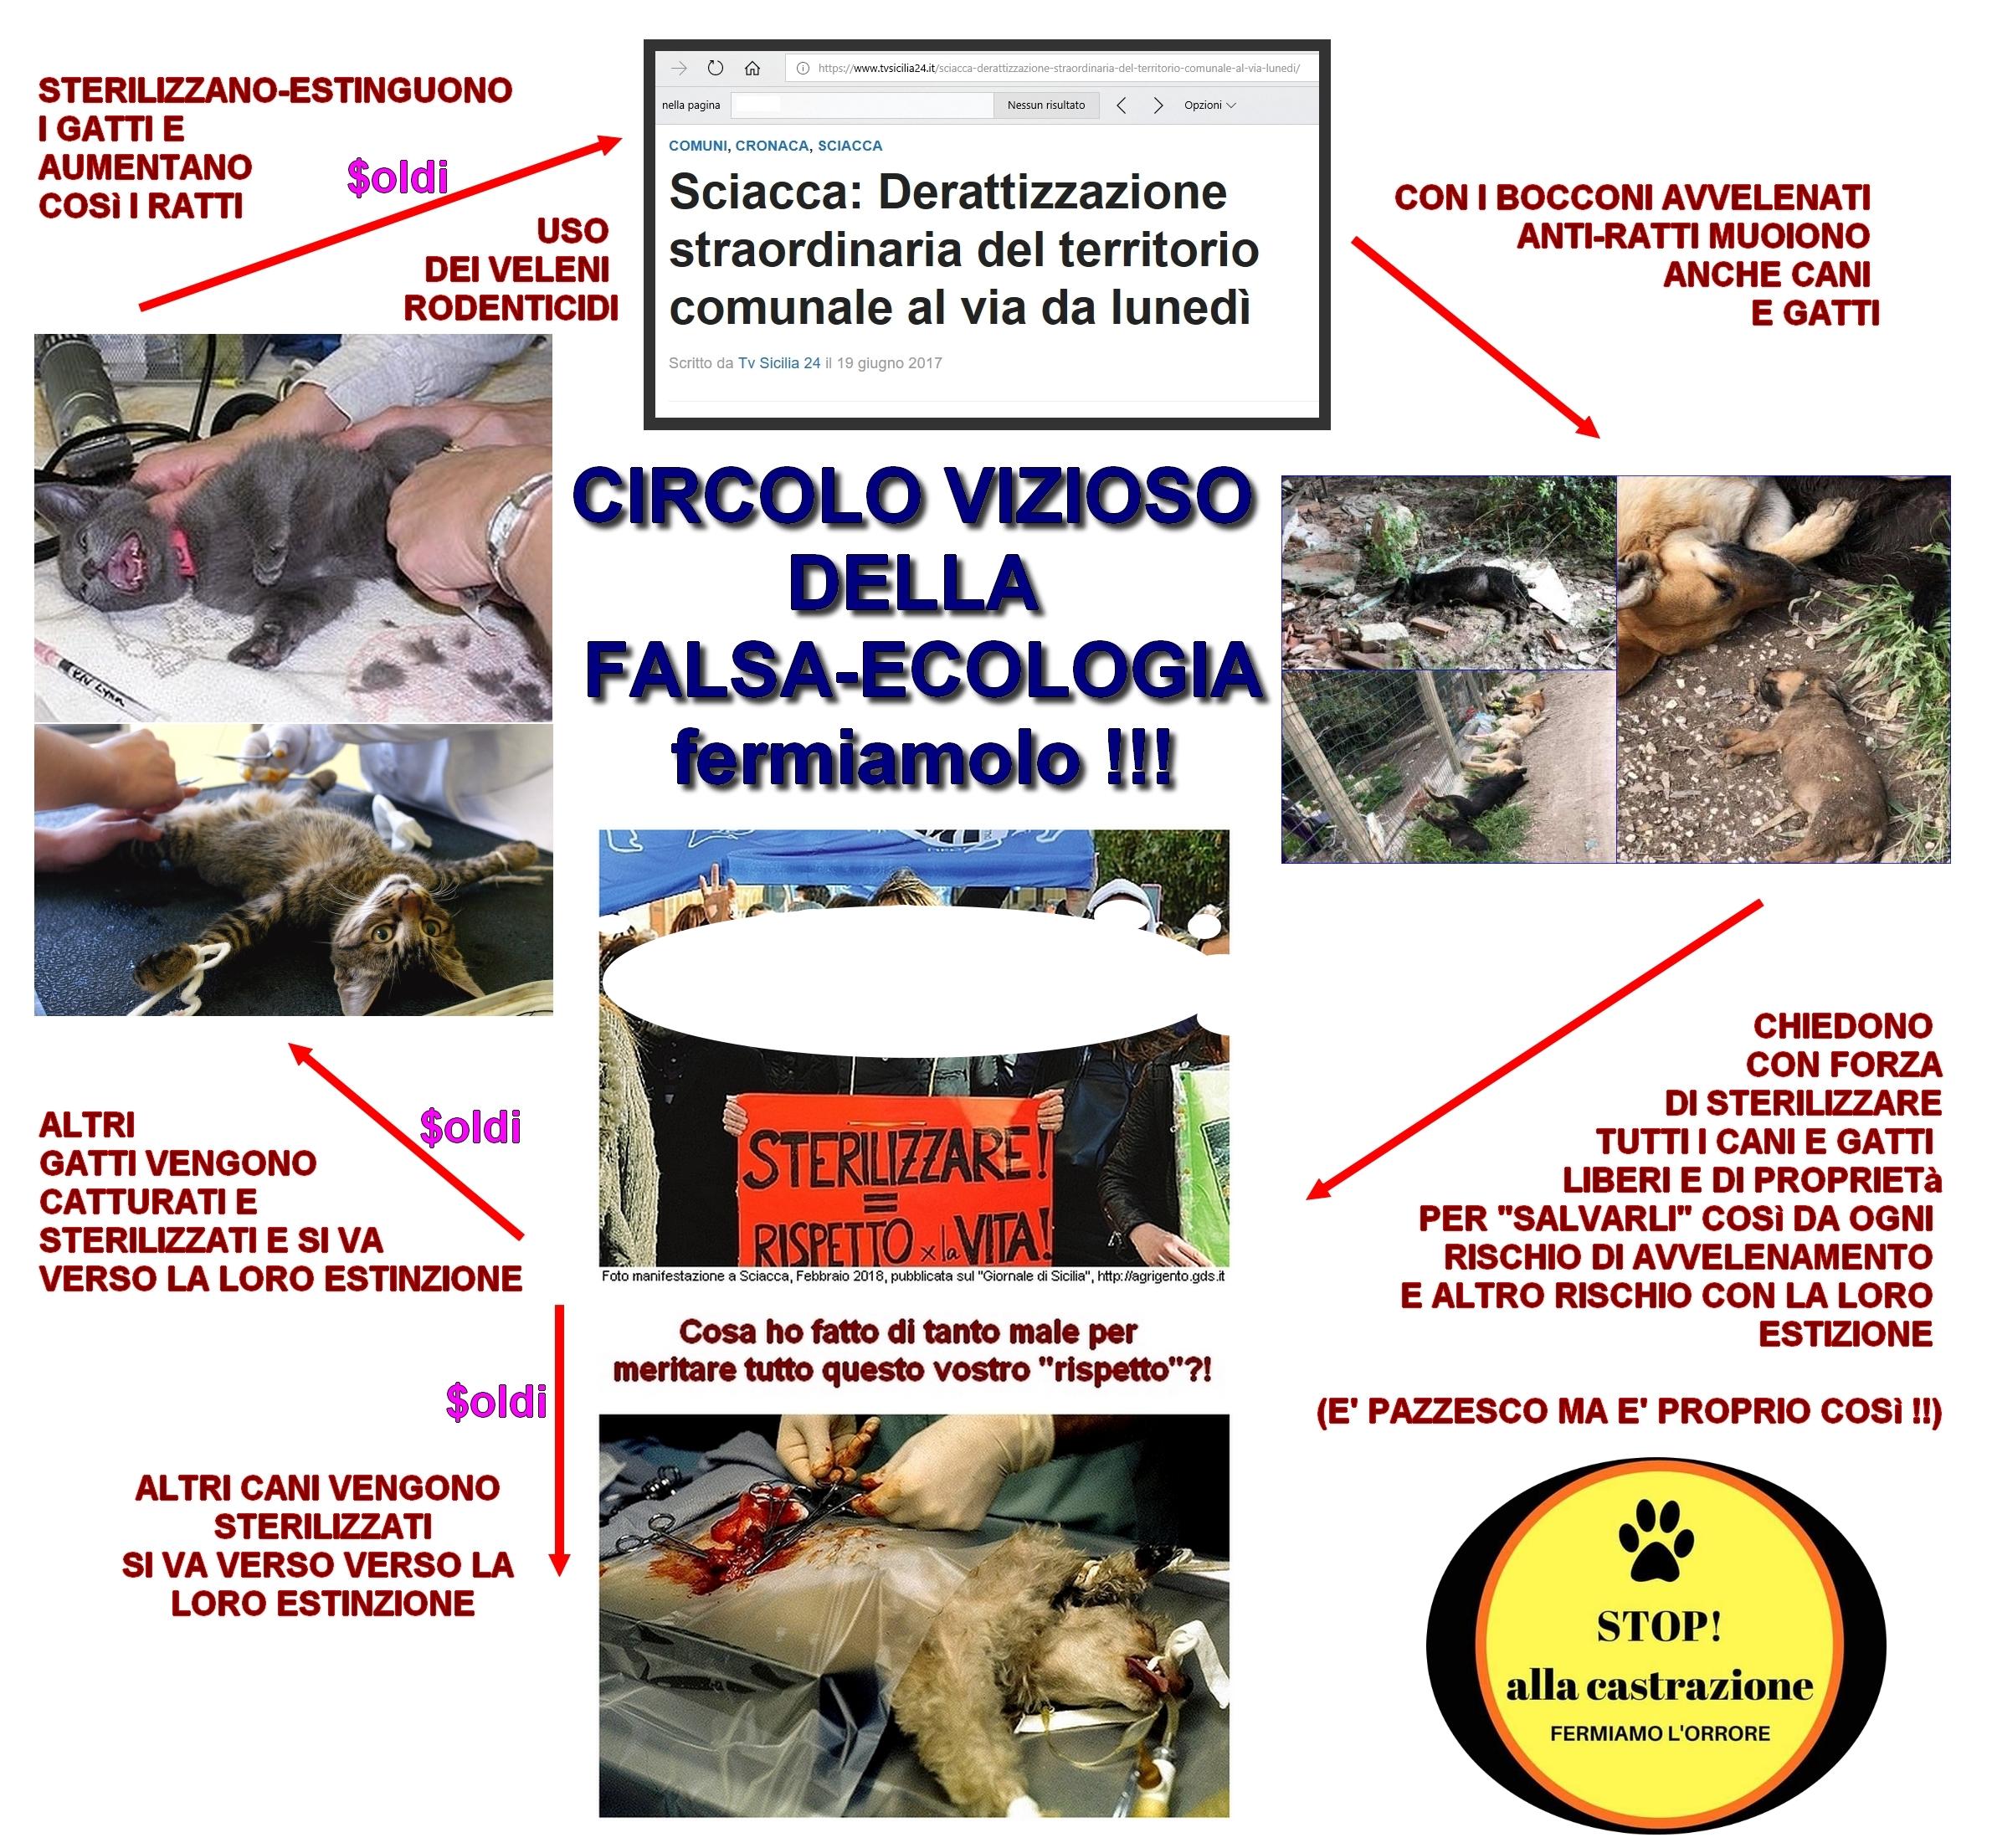 Fermiamo Lo Sterminio Dei Gatti Anche In Italia Basta Scuse Di